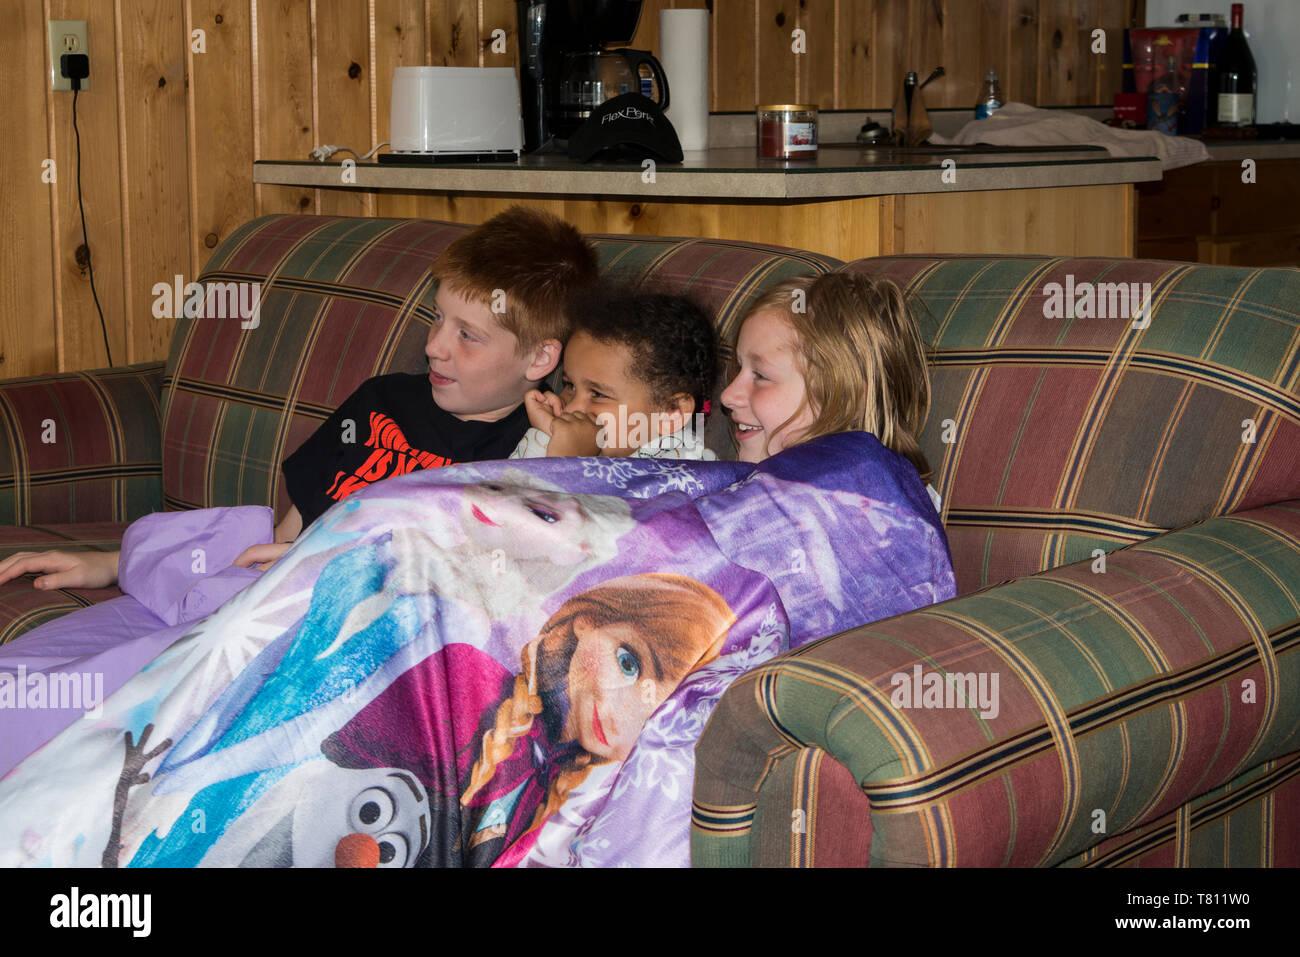 Naytahwaush; Minnesota. Drei Geschwister a scary movie zusammen beobachten. Stockbild